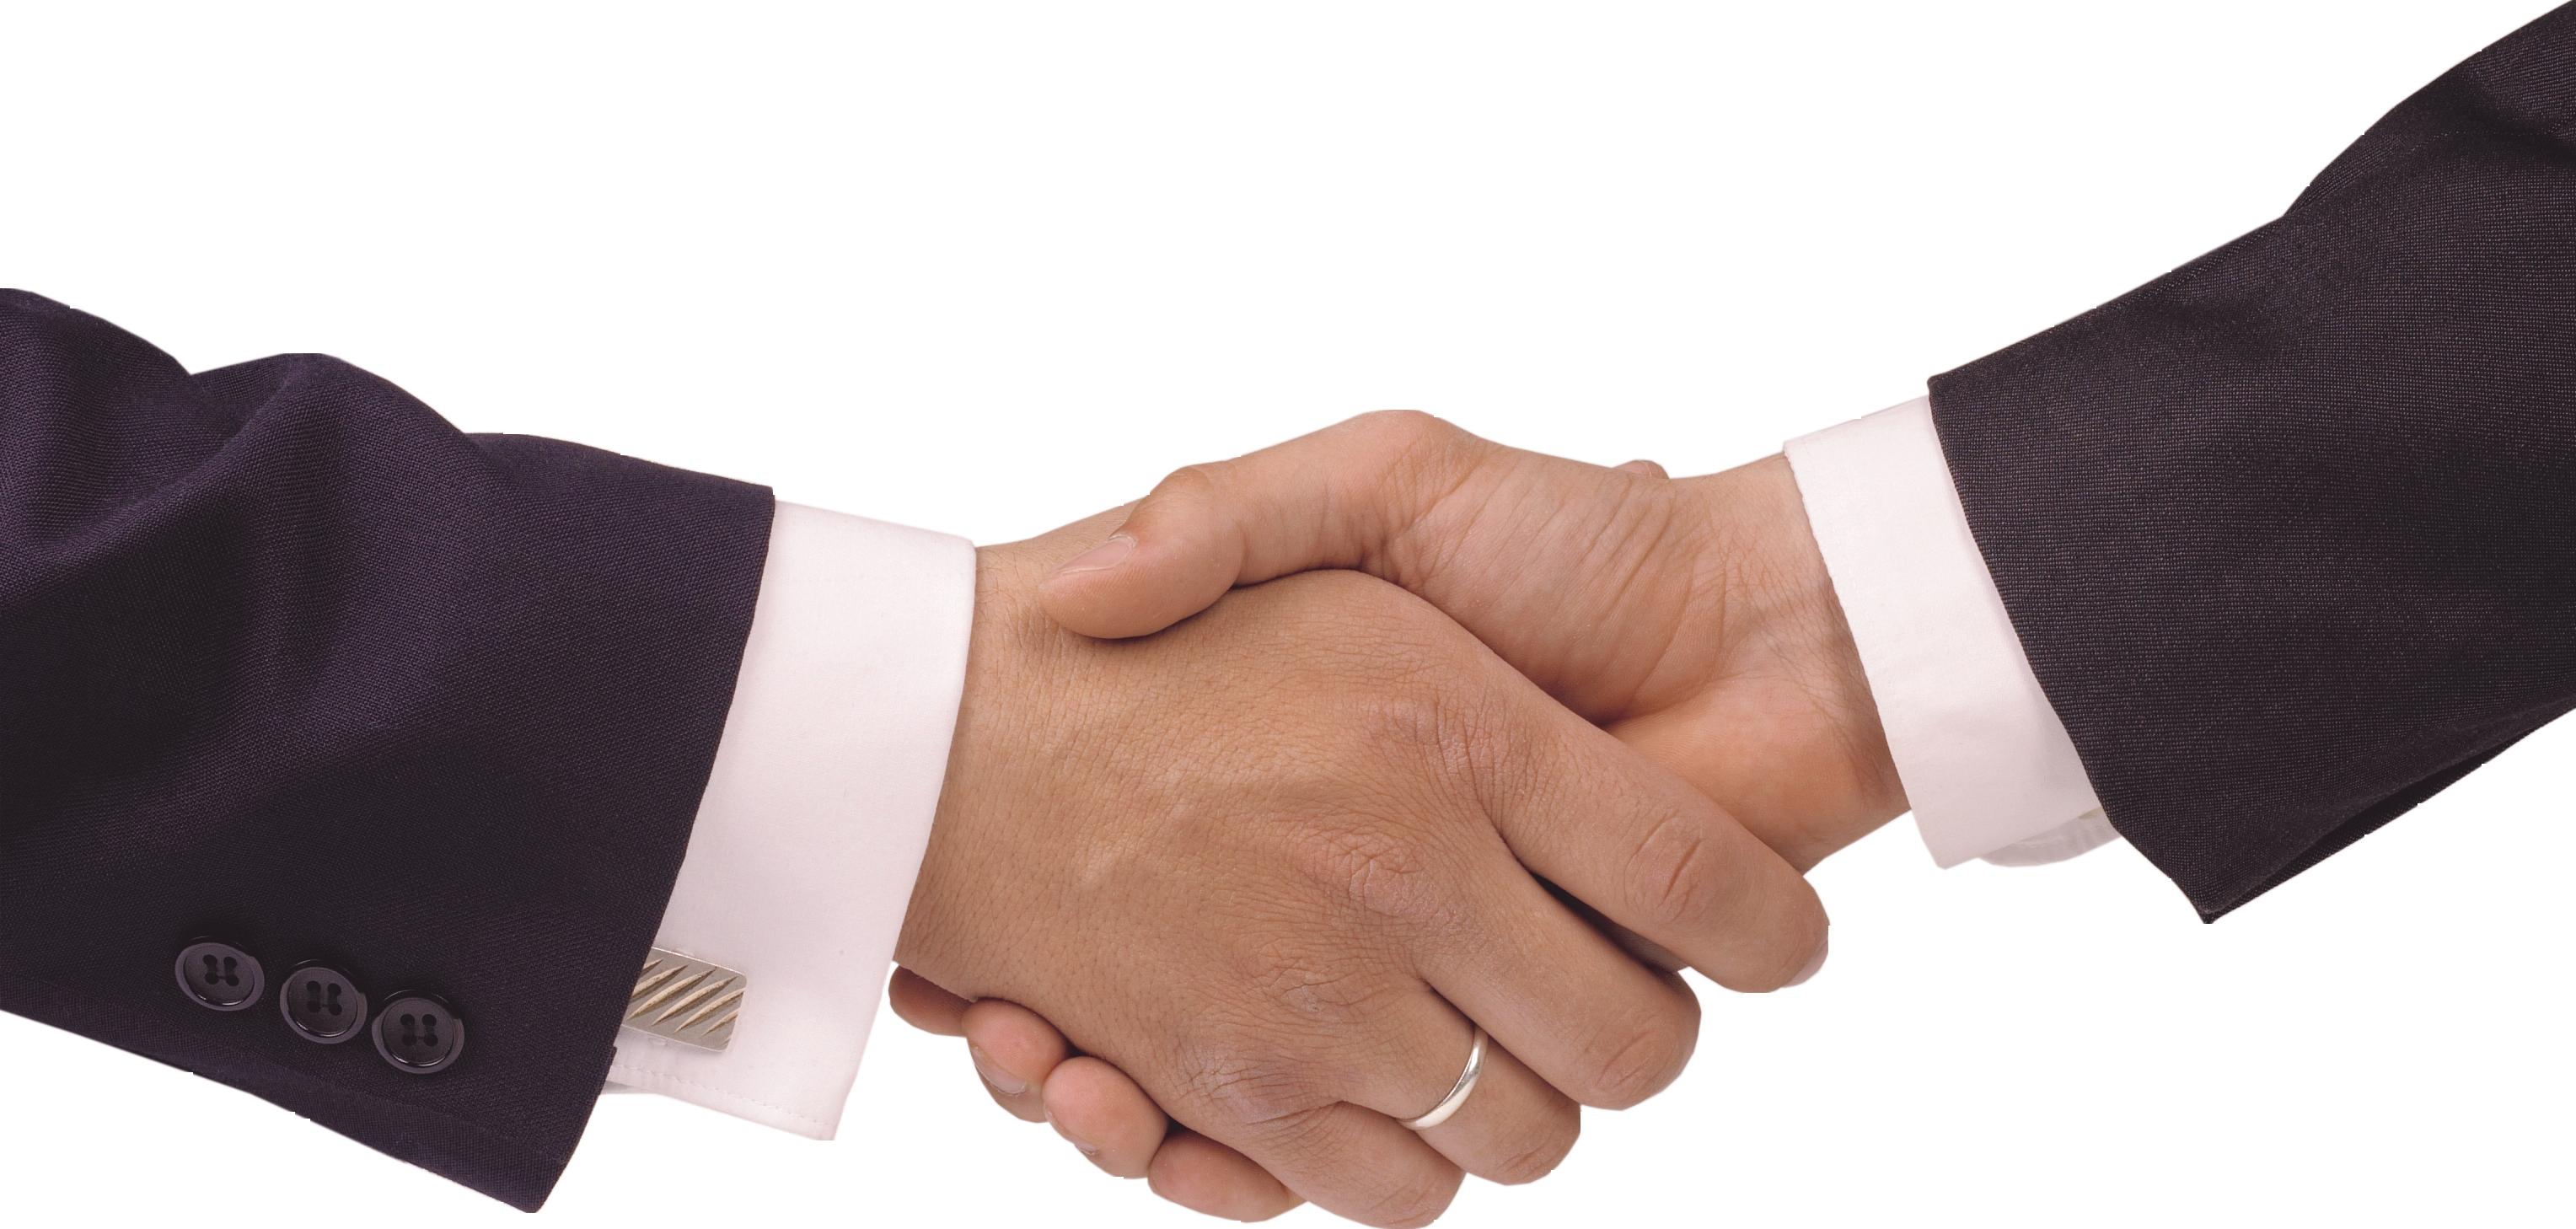 handshake PNG, hands image, free download - Hands HD PNG